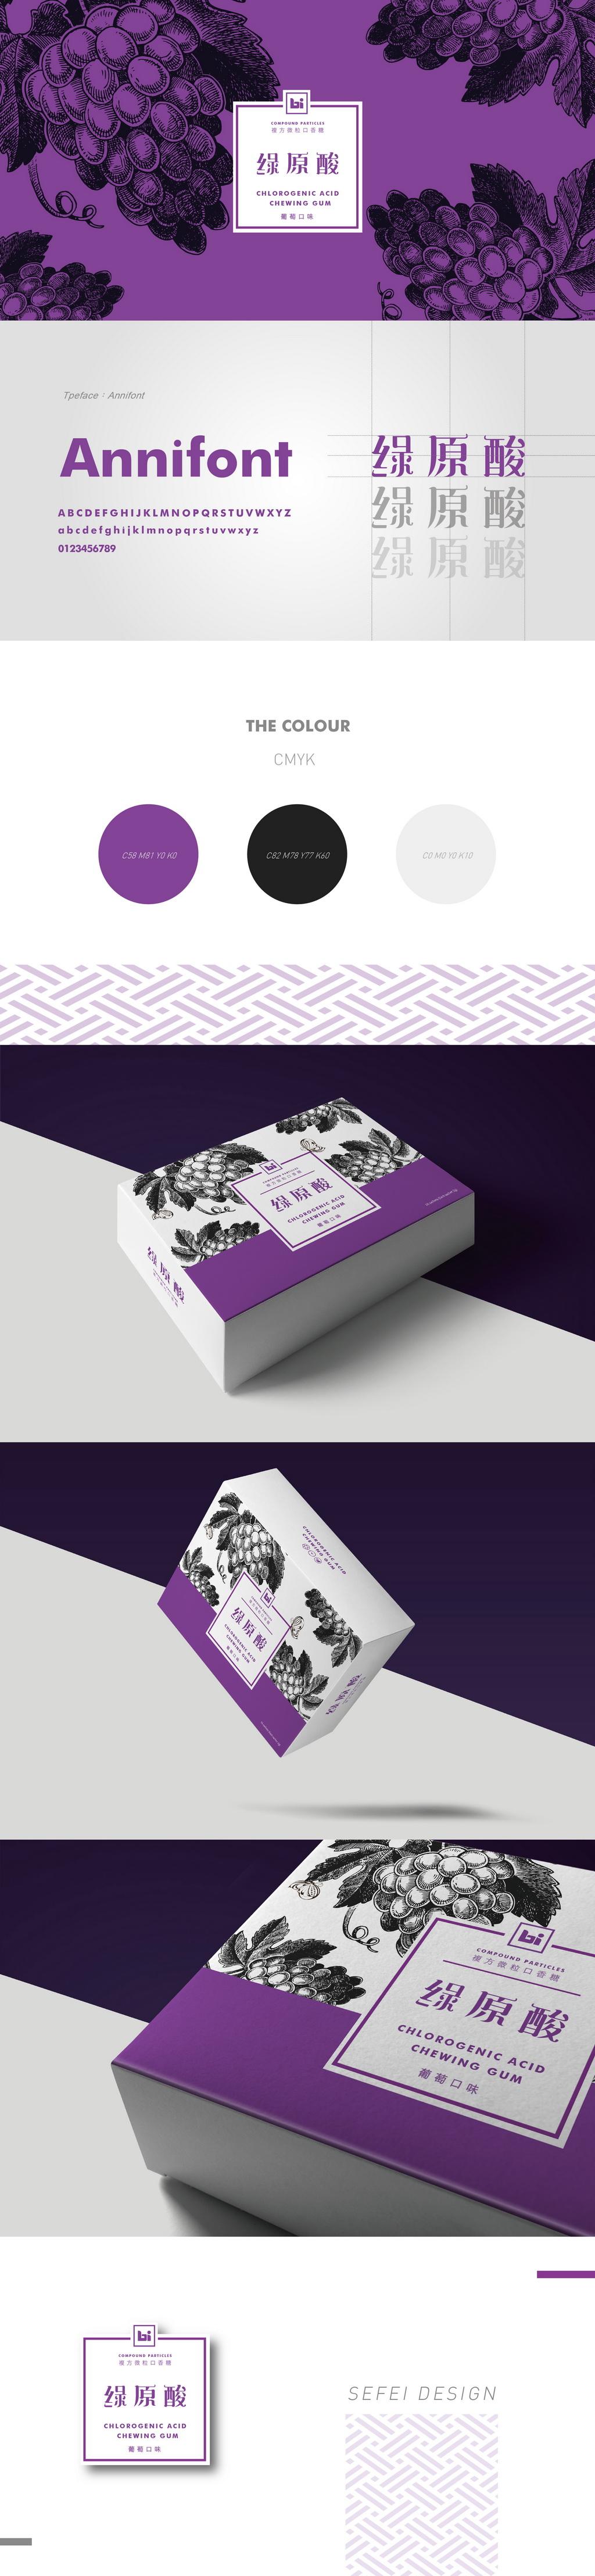 美佳胜肽科技-樂律-葡萄口味複方微粒口香糖盒裝設計